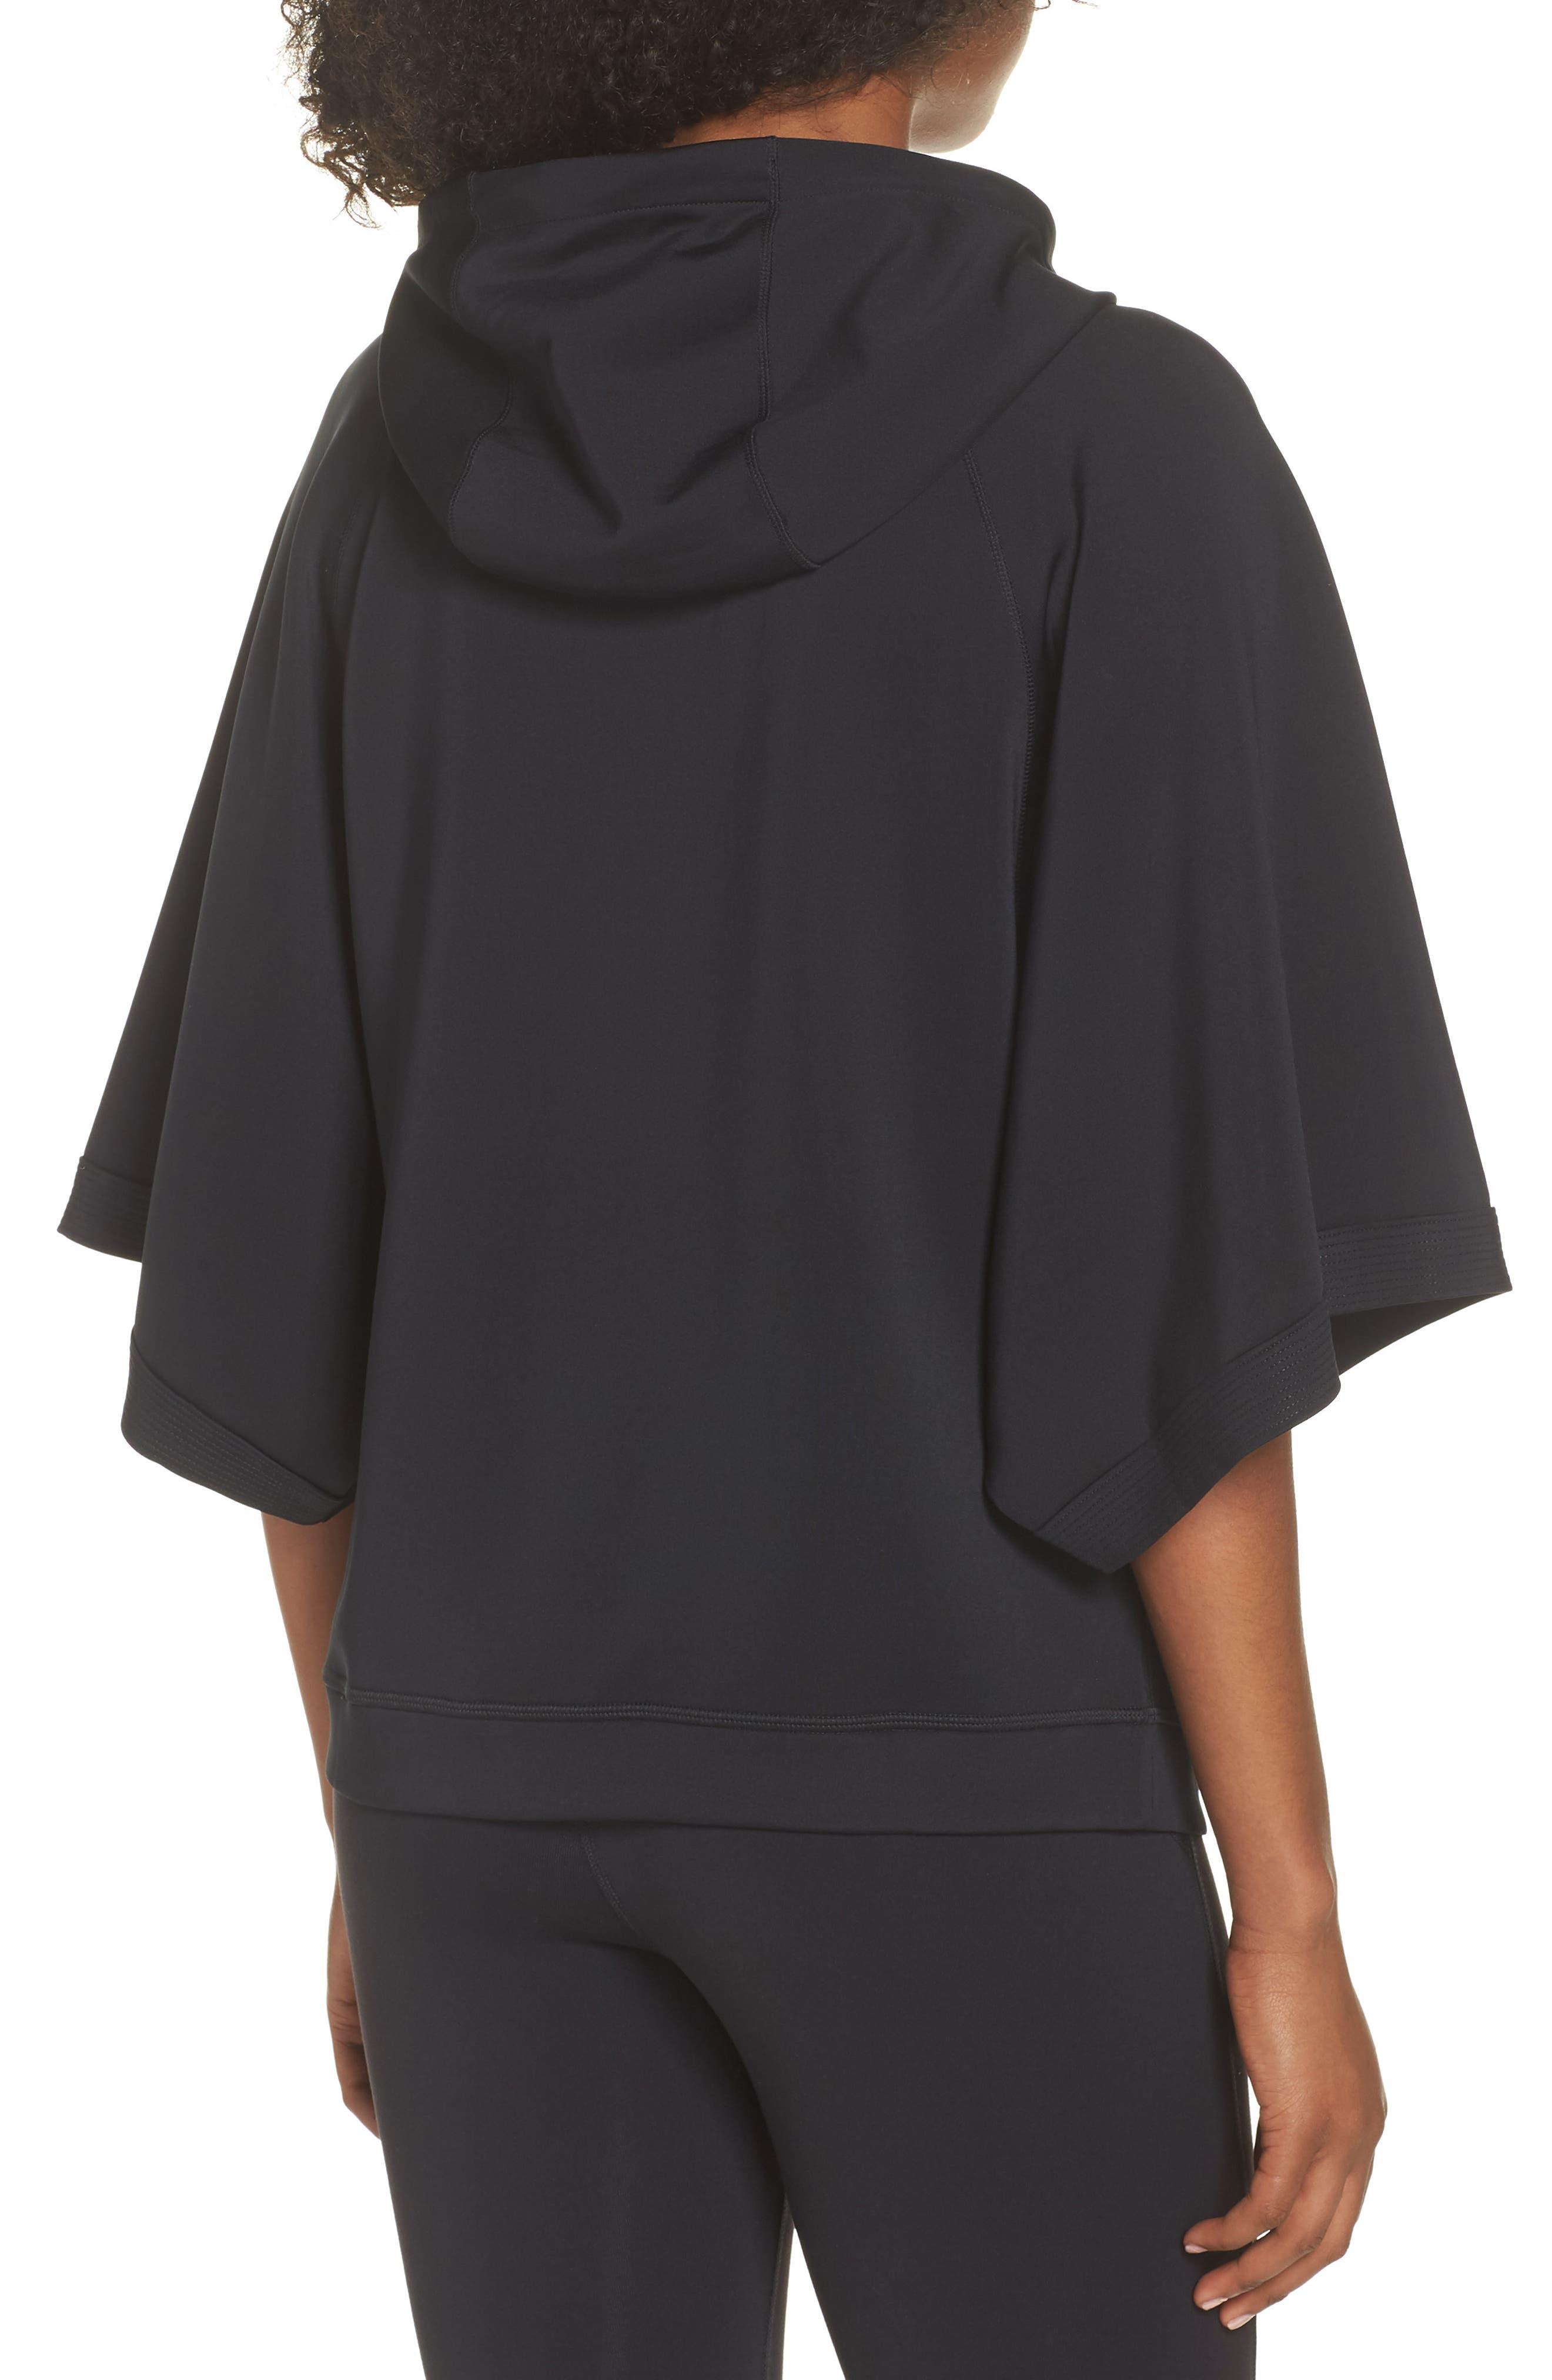 Captivate Kimono Sweatshirt,                             Alternate thumbnail 2, color,                             BLACK